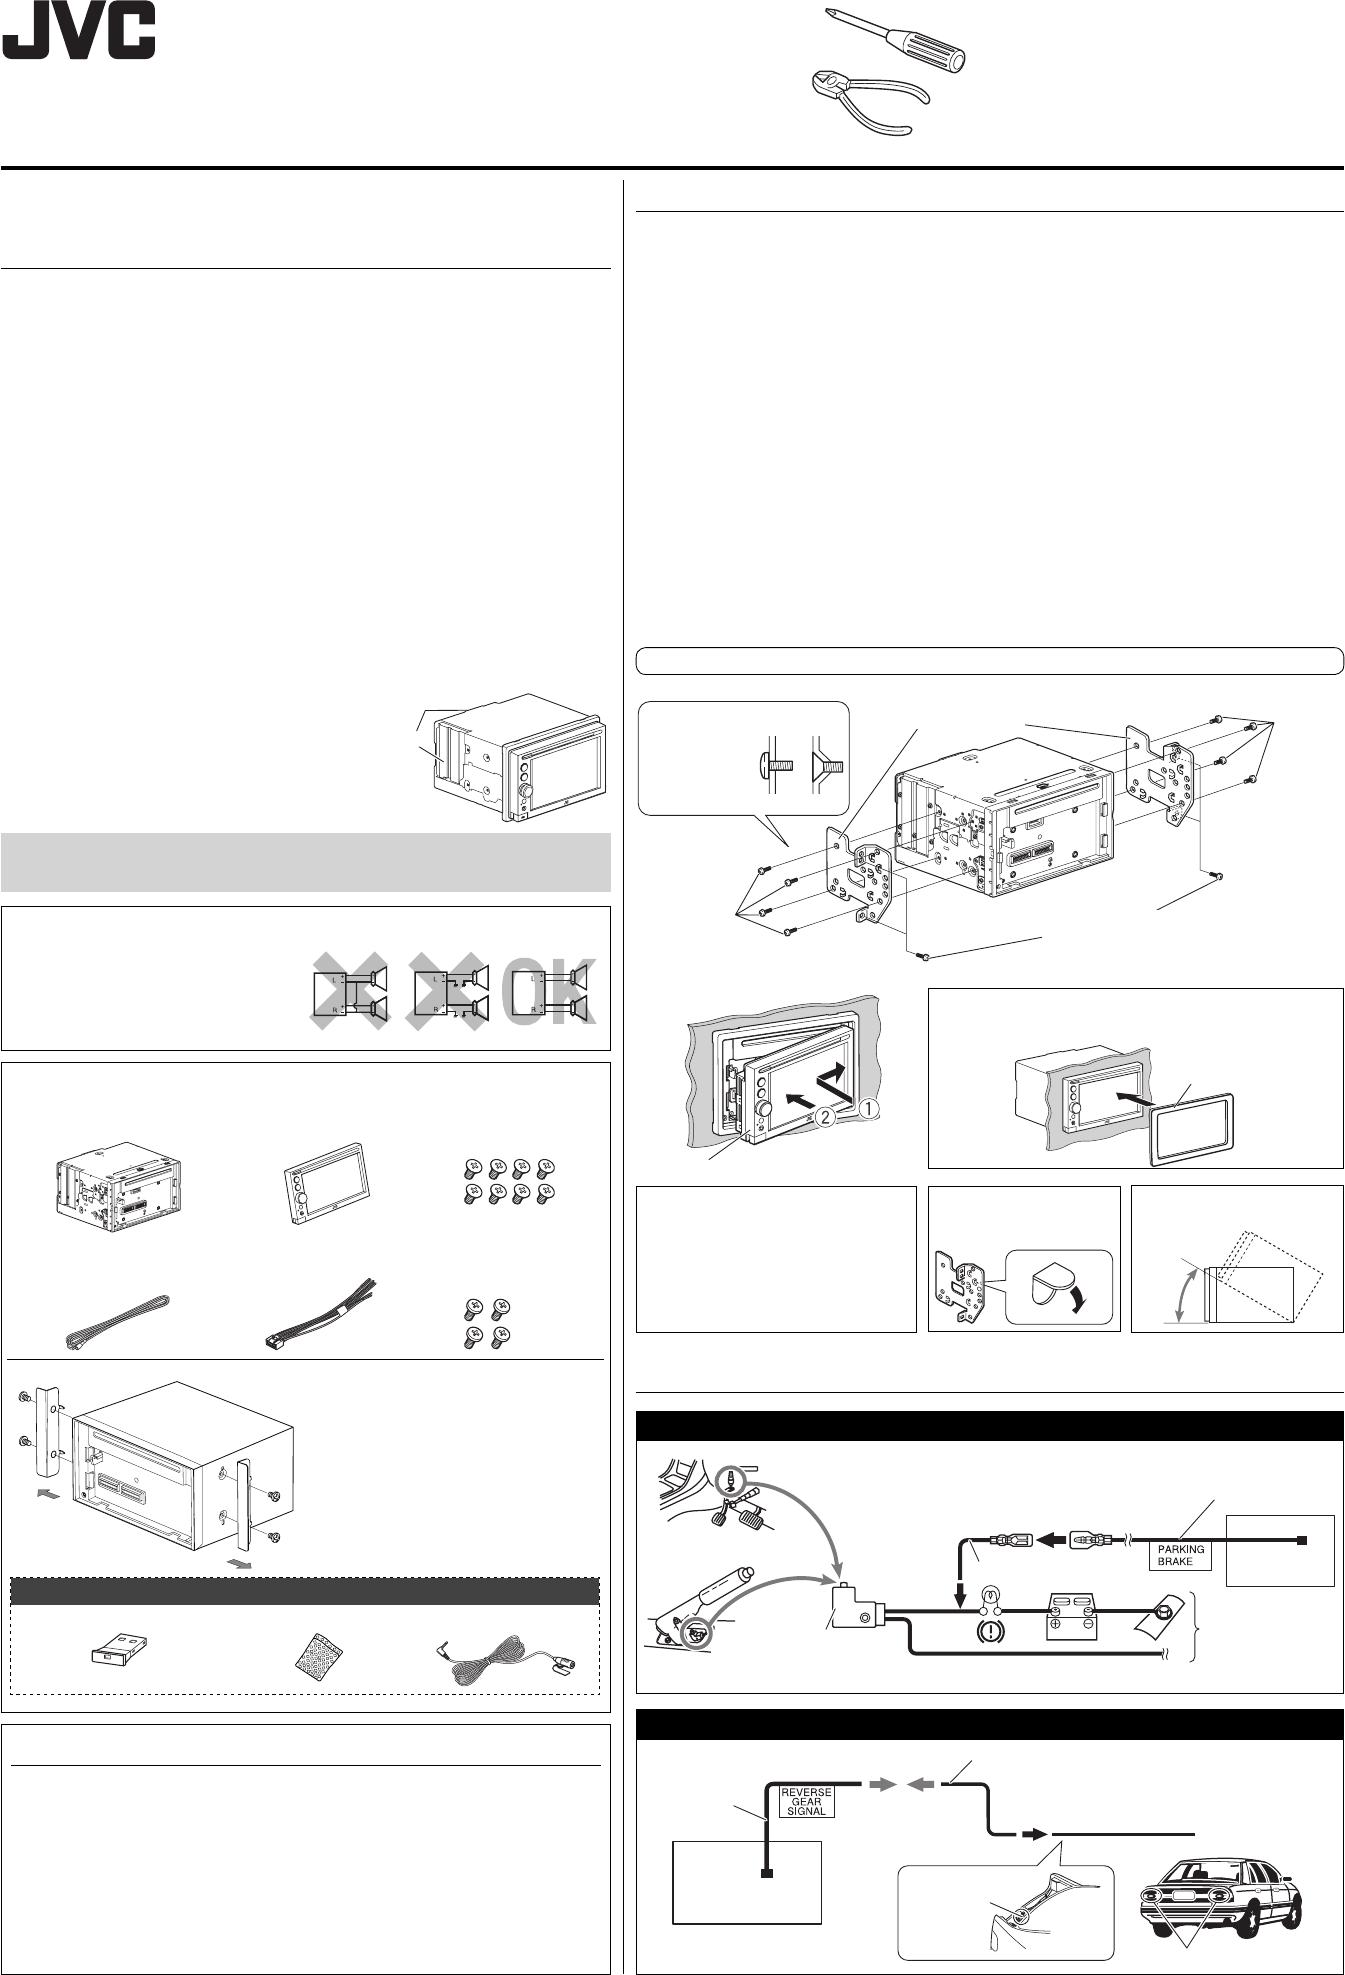 Jvc Ks Bta100 Manual Auto Electrical Wiring Diagram Honeywell R845a1030 Ac Whirlpool